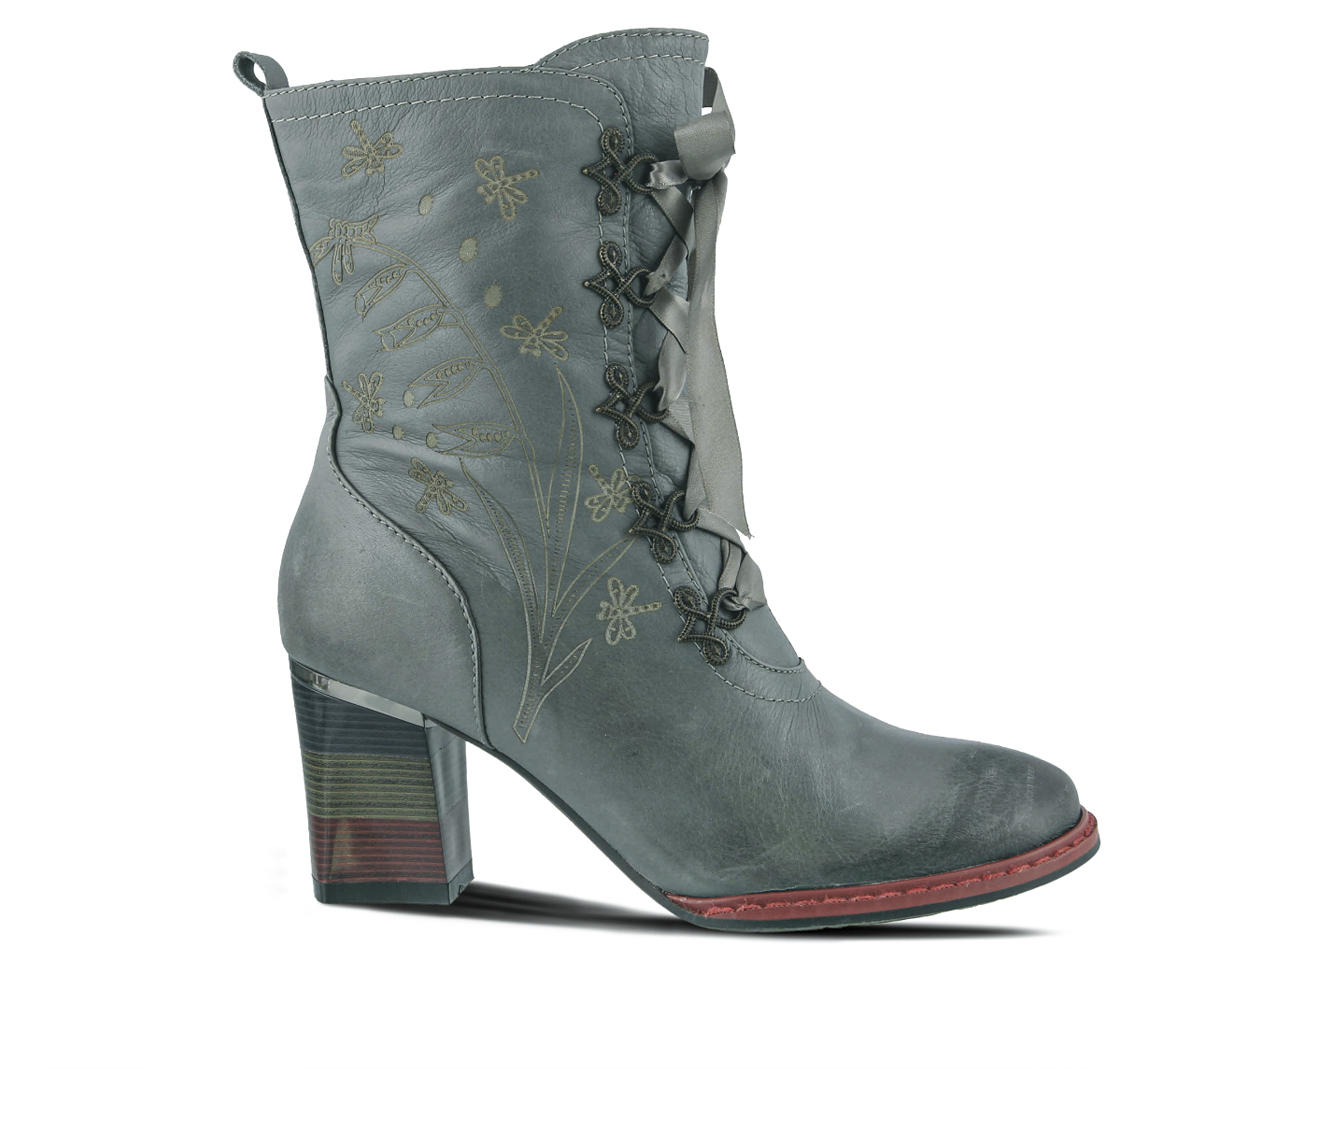 L'Artiste Juliette Women's Boots (Gray Leather)